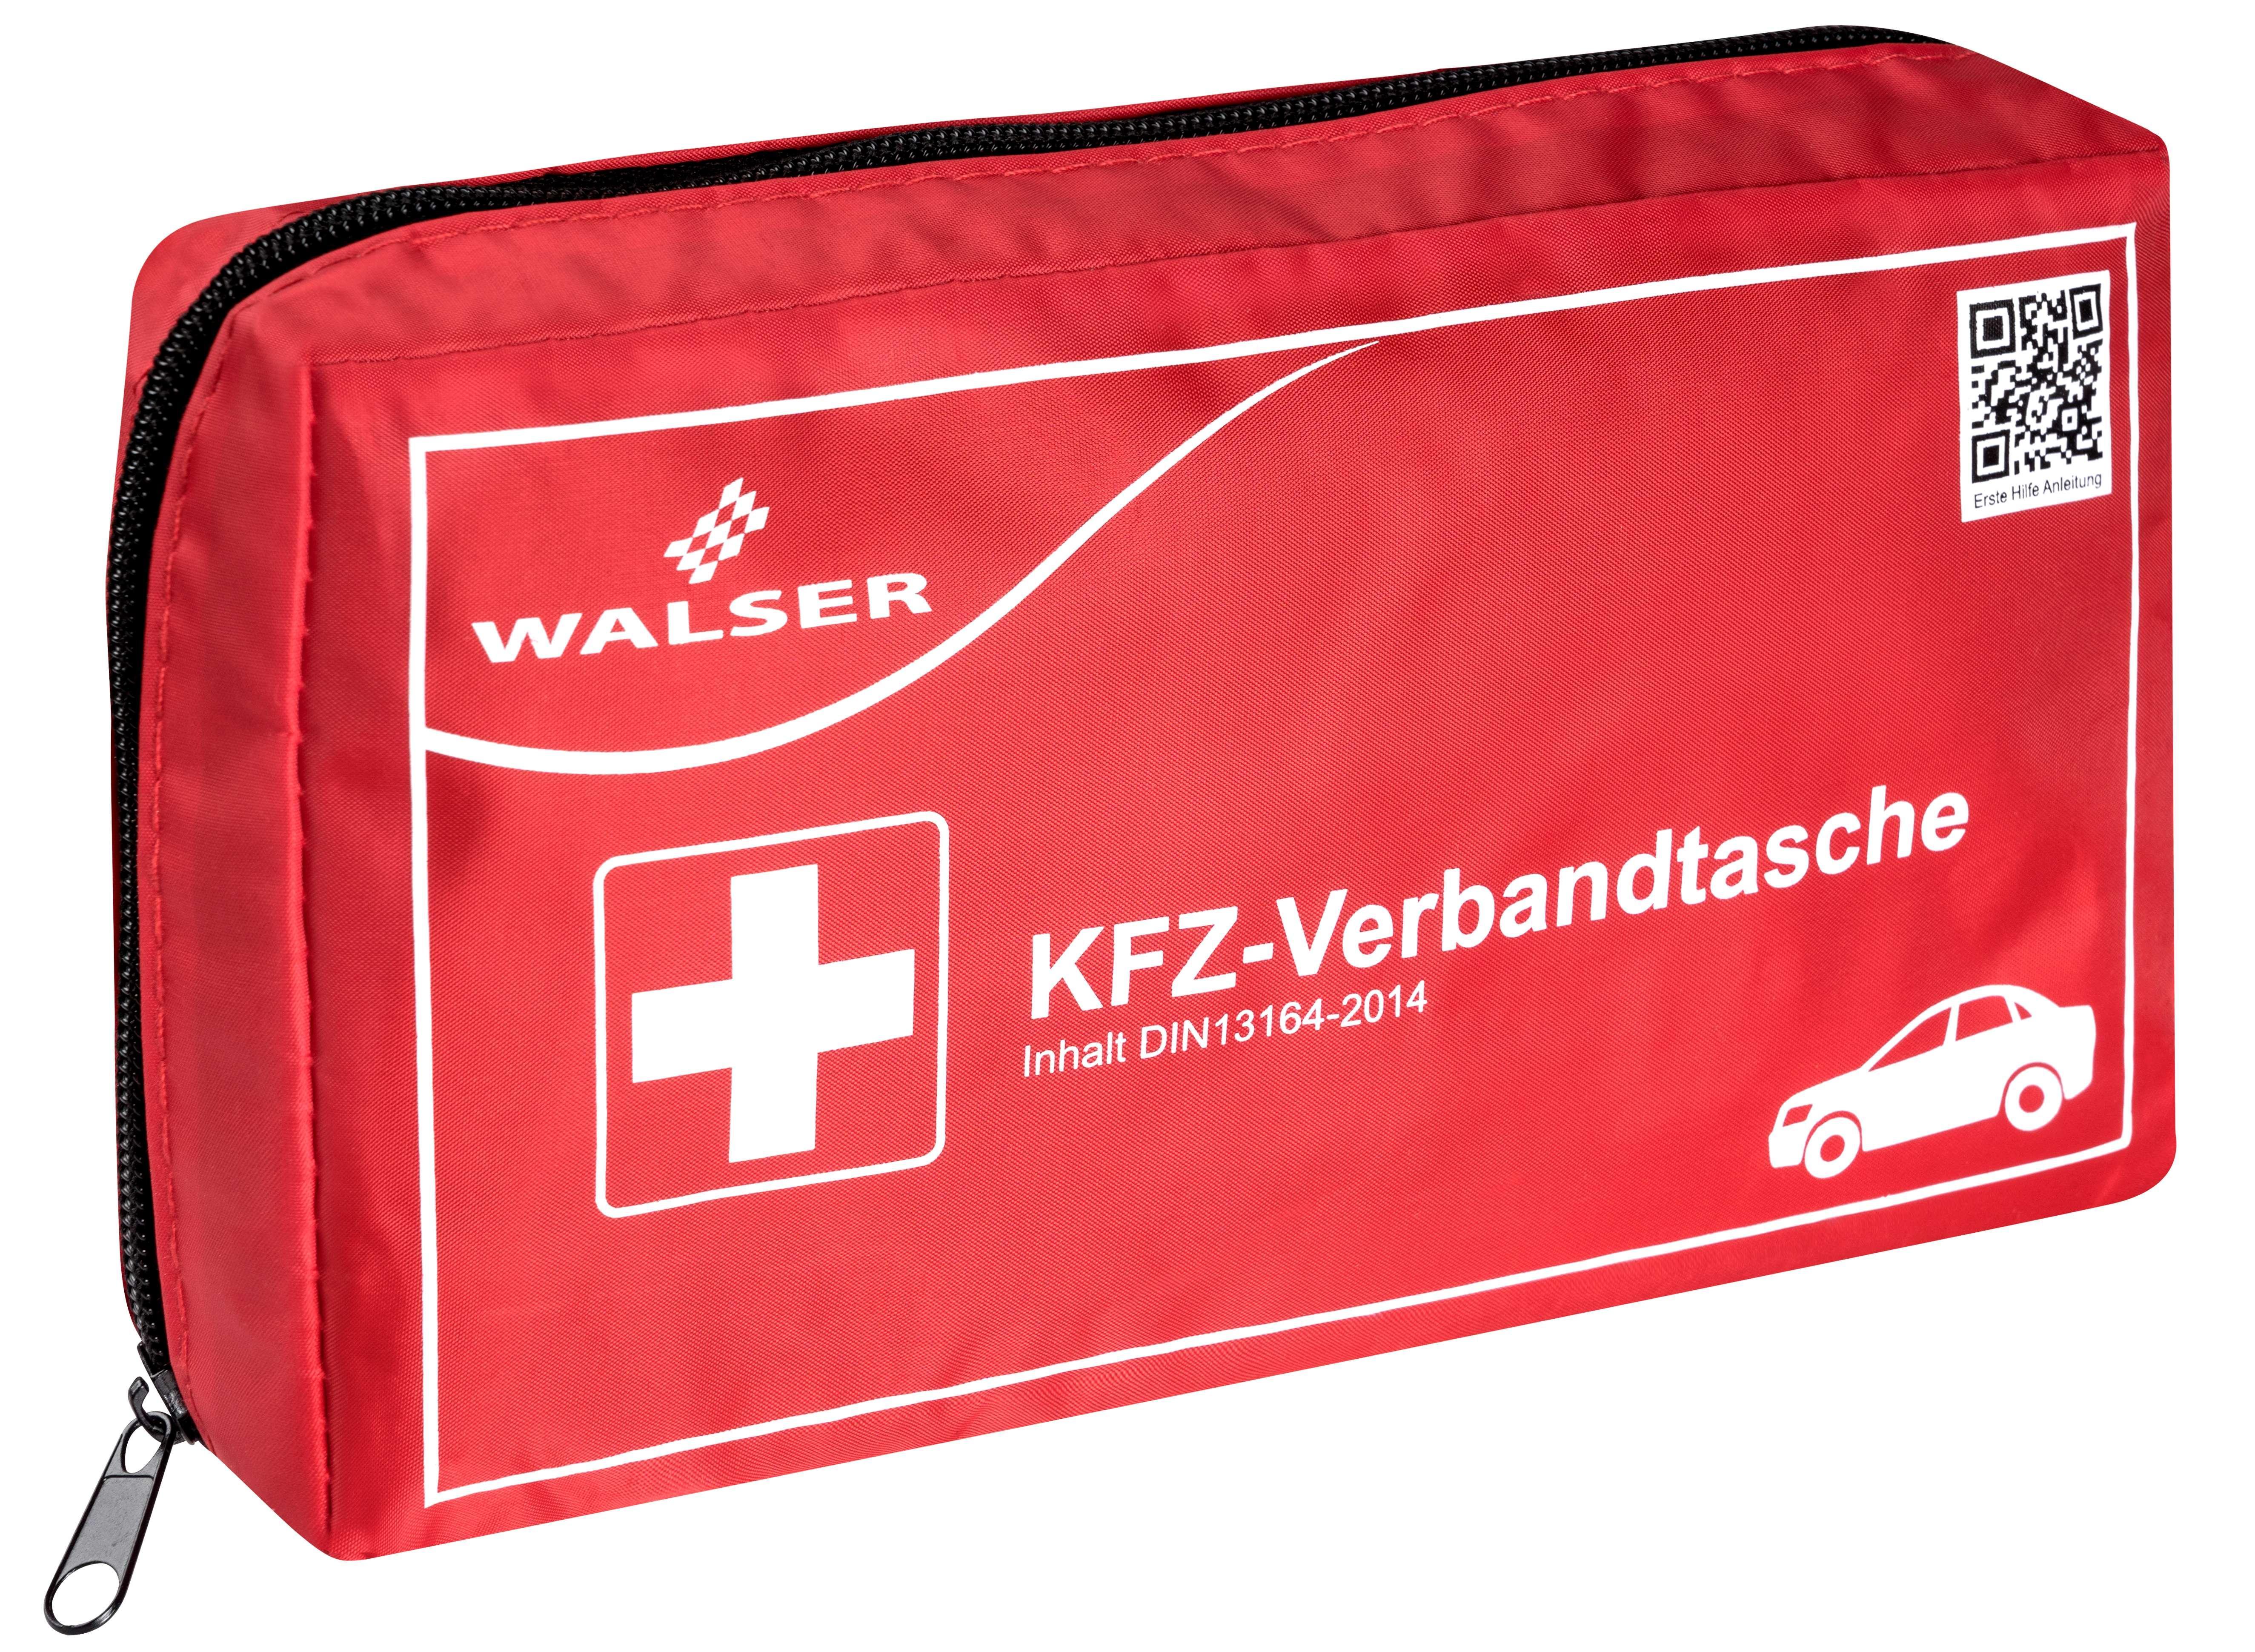 Kit voiture de premier secours 44264 WALSER 44264 originales de qualité